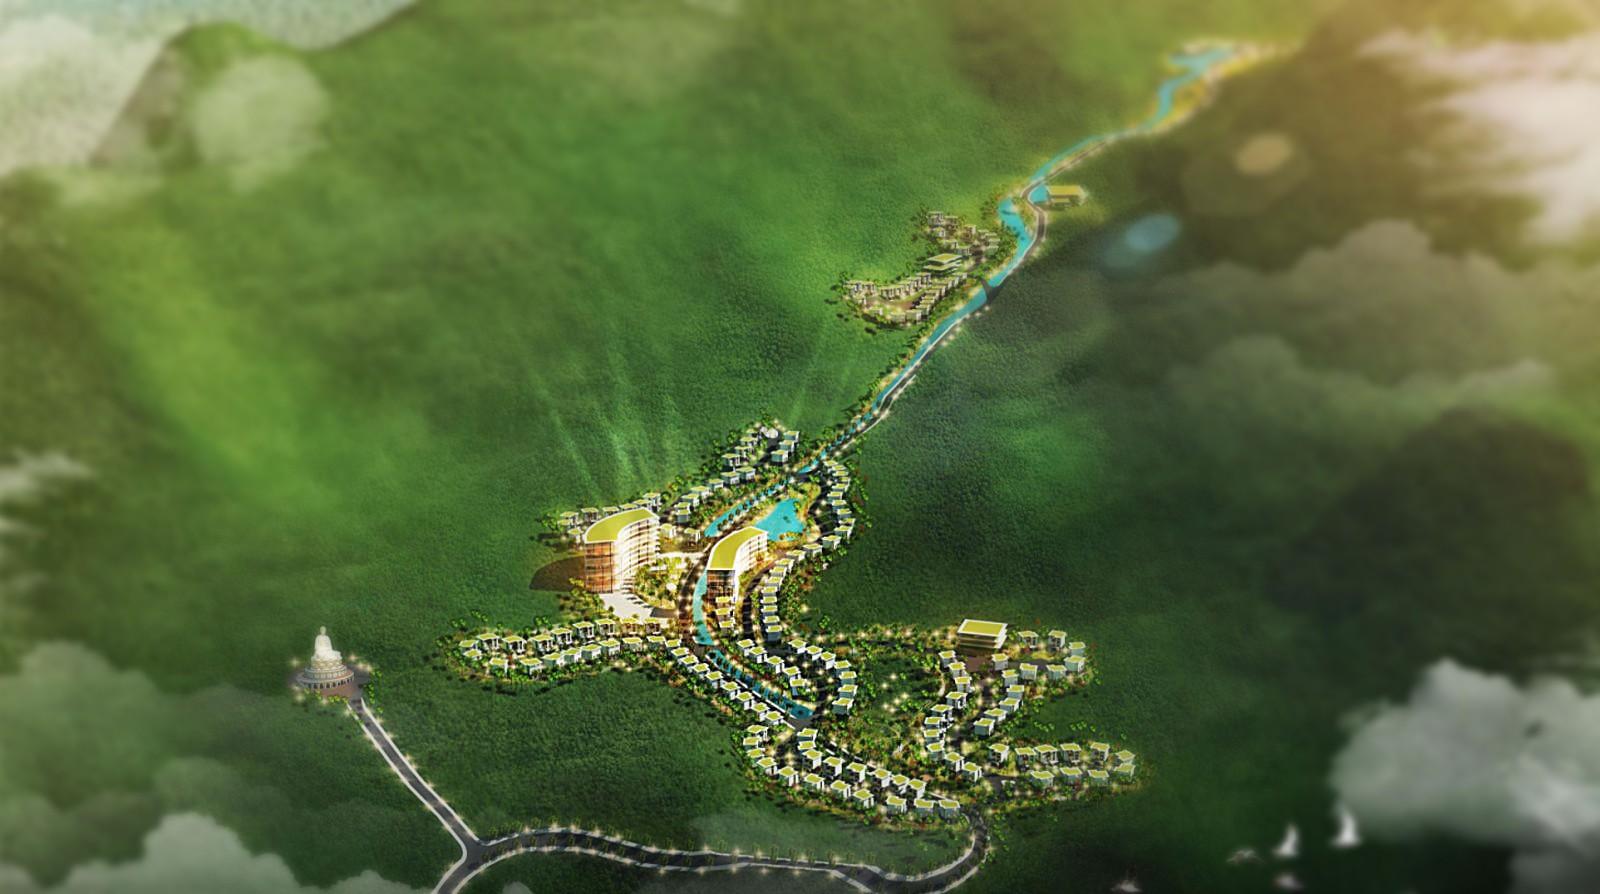 FLC khởi công khu du lịch nghỉ dưỡng sinh thái cao cấp tại Hà Giang - Ảnh 2.